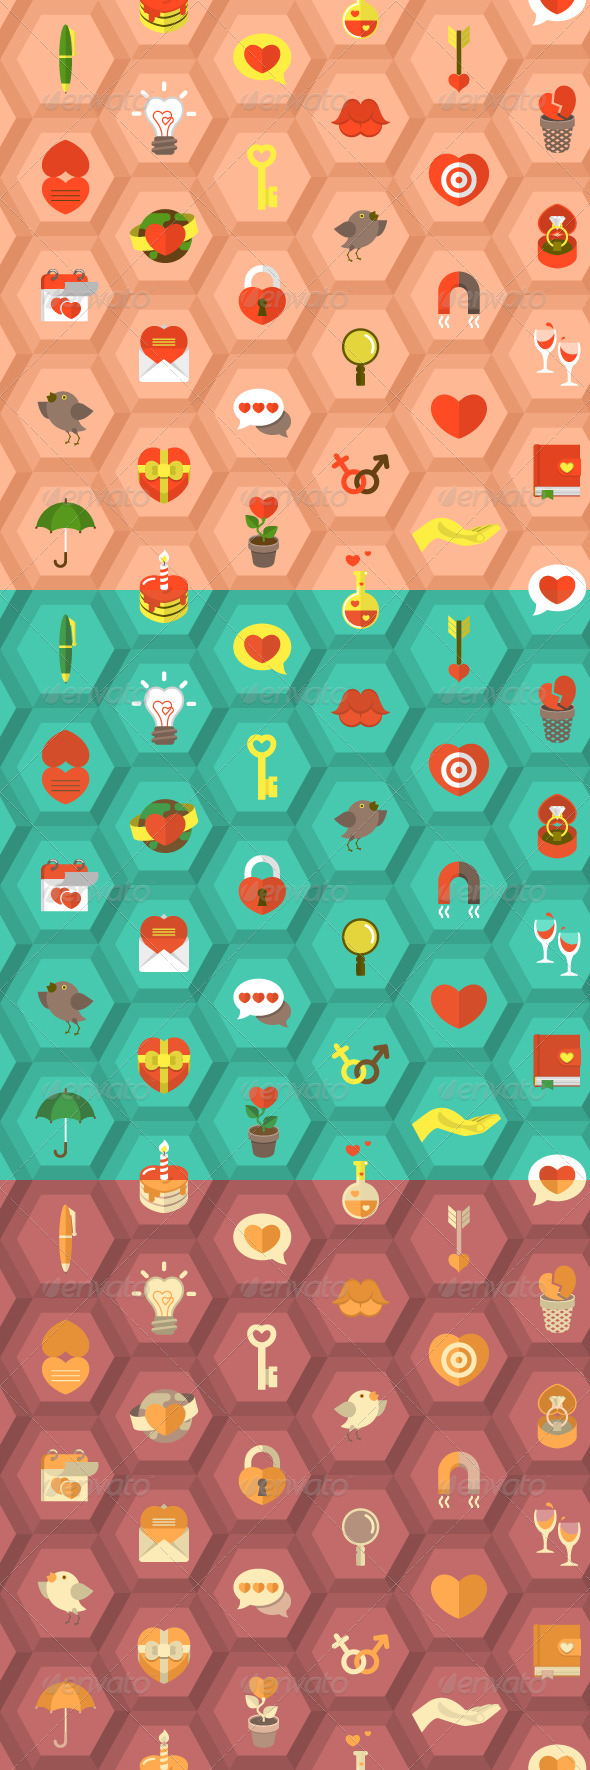 GraphicRiver Love Pattern 6519545